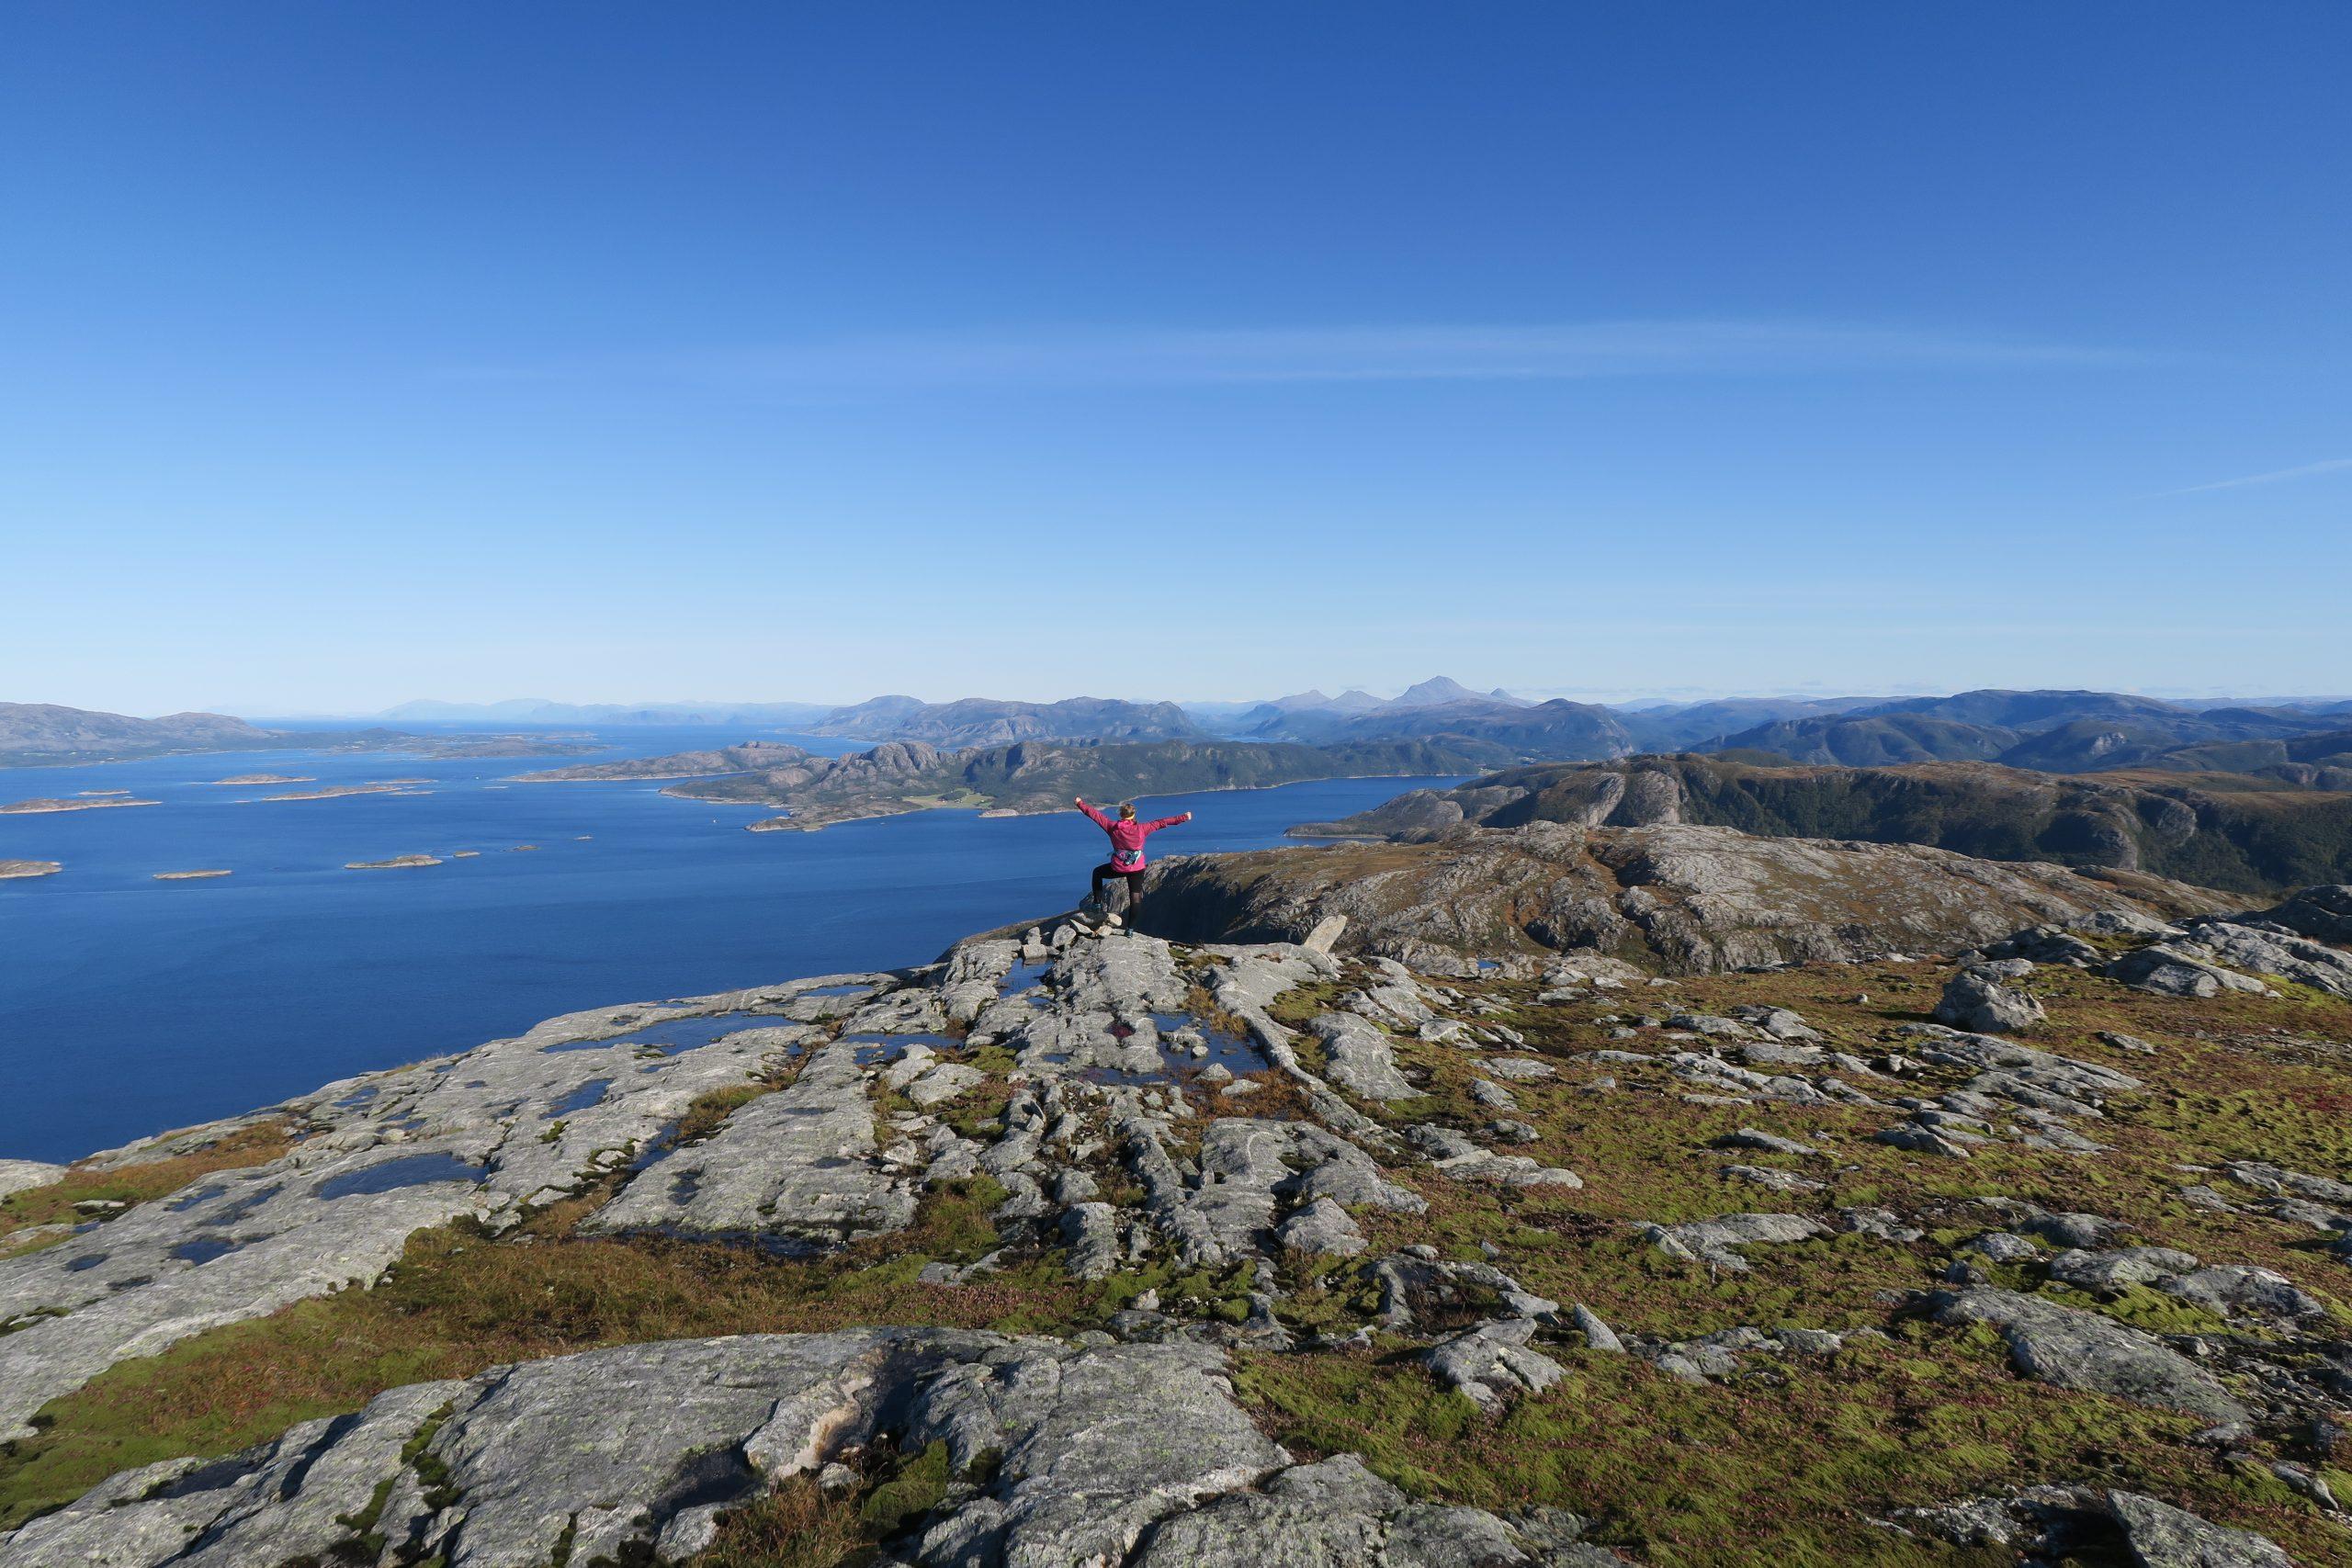 Jente på toppen av Væremsnubben i Nærøysund. Ting å oppleve i Nærøysund.